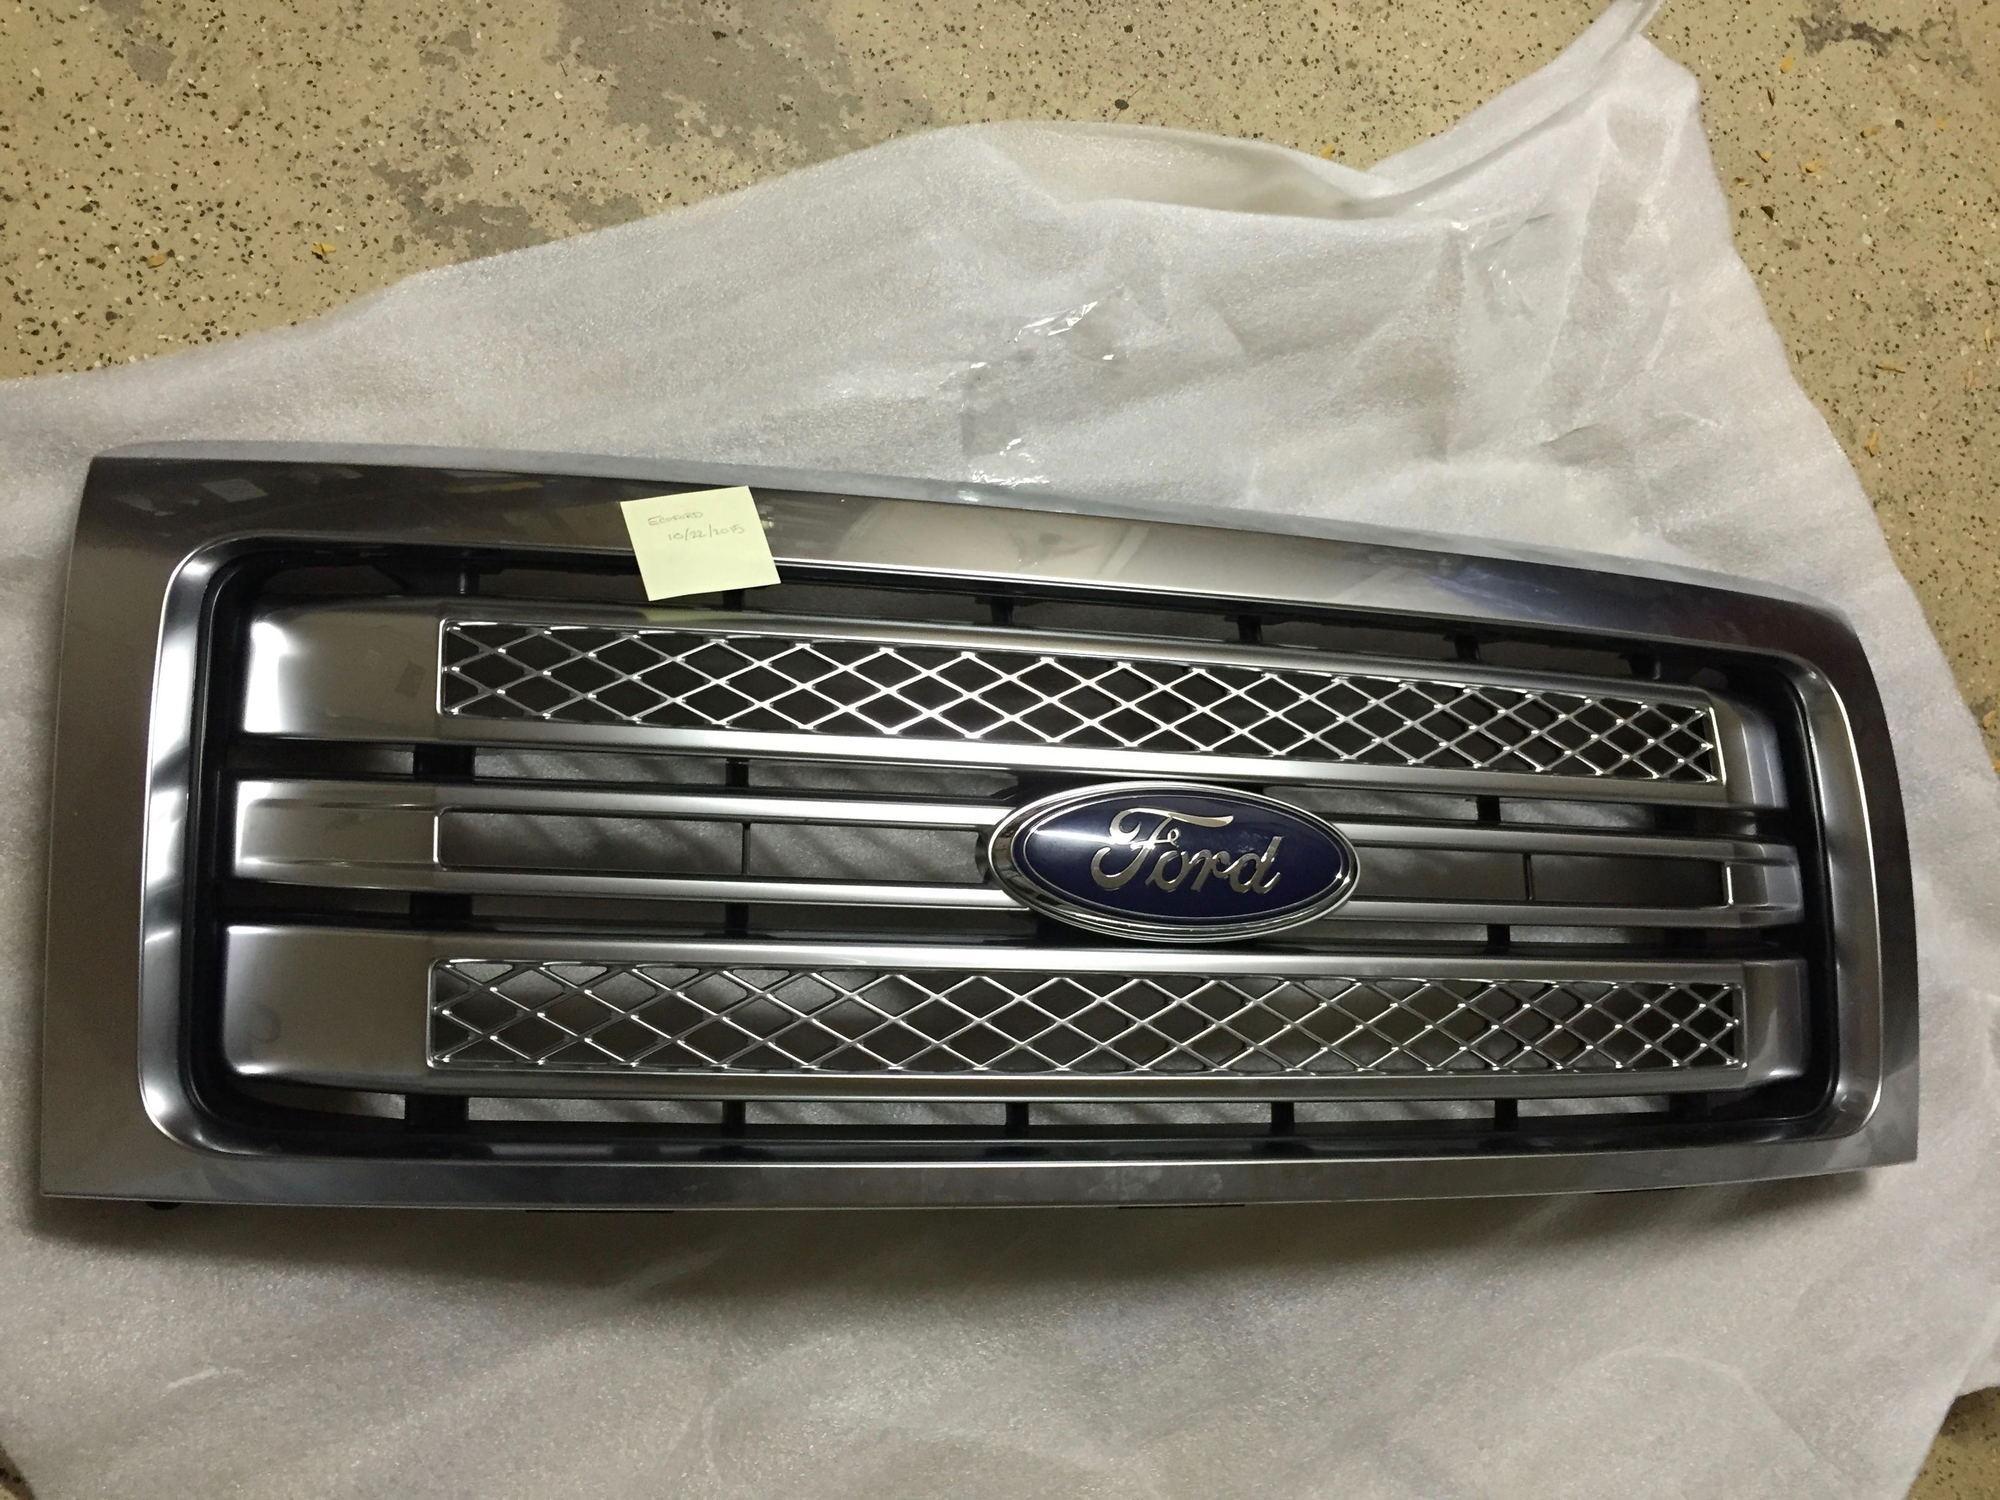 Northeast 2013-2014 F150 Platinum Grill - Ford F150 Forum ...